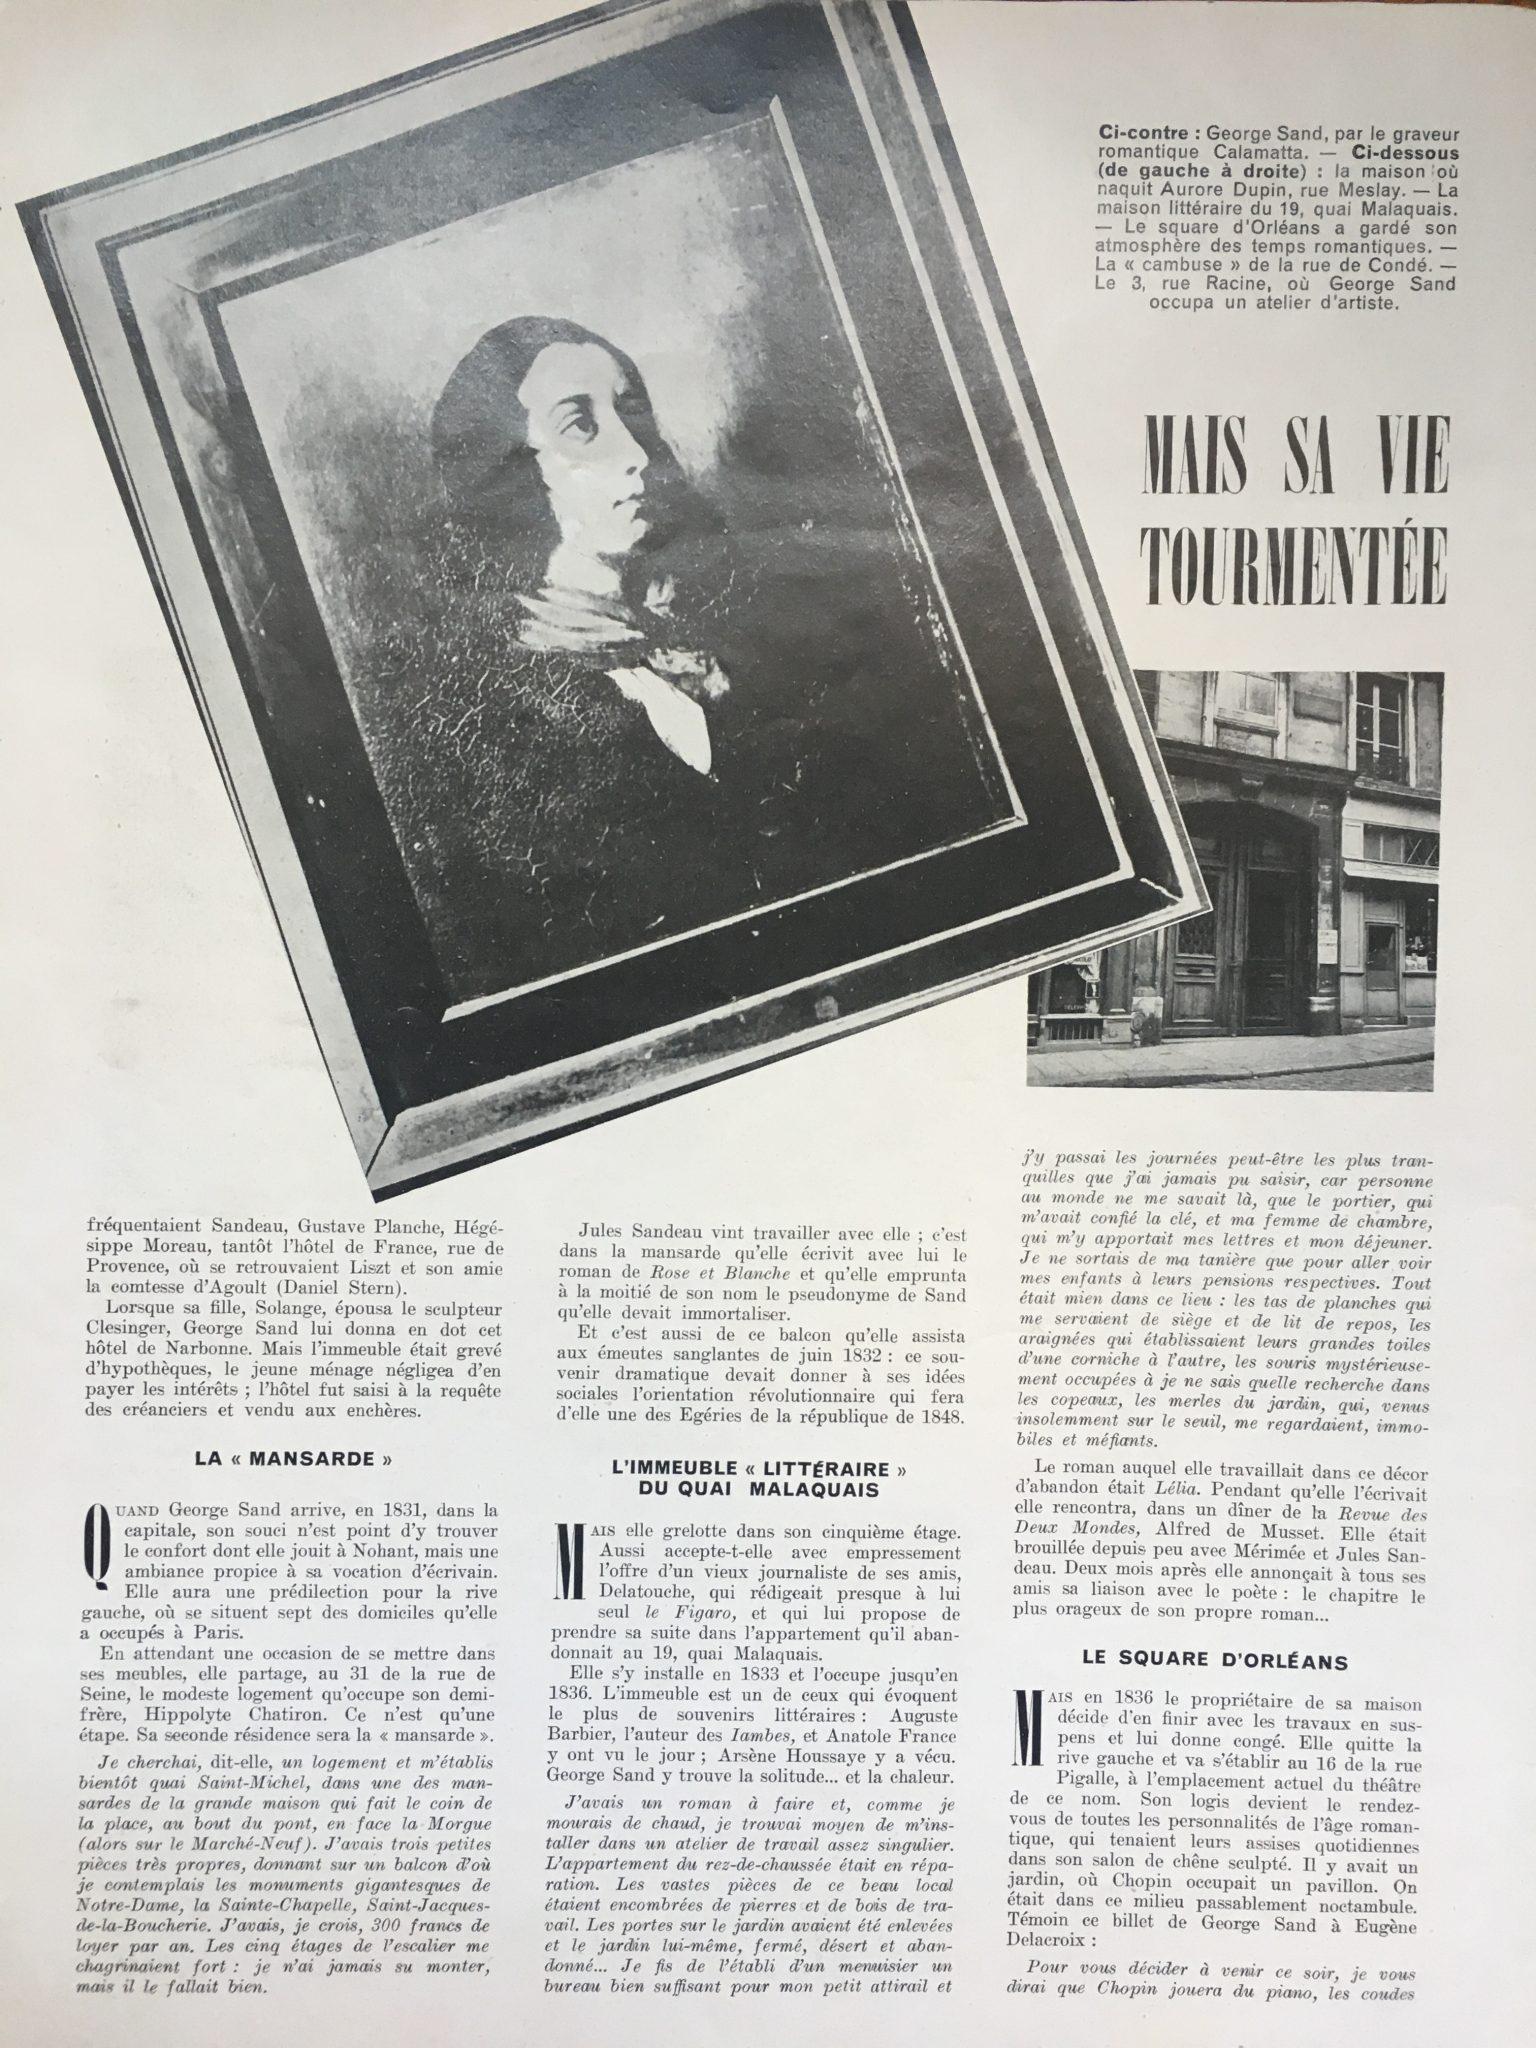 Les domiciles de George Sand à Paris